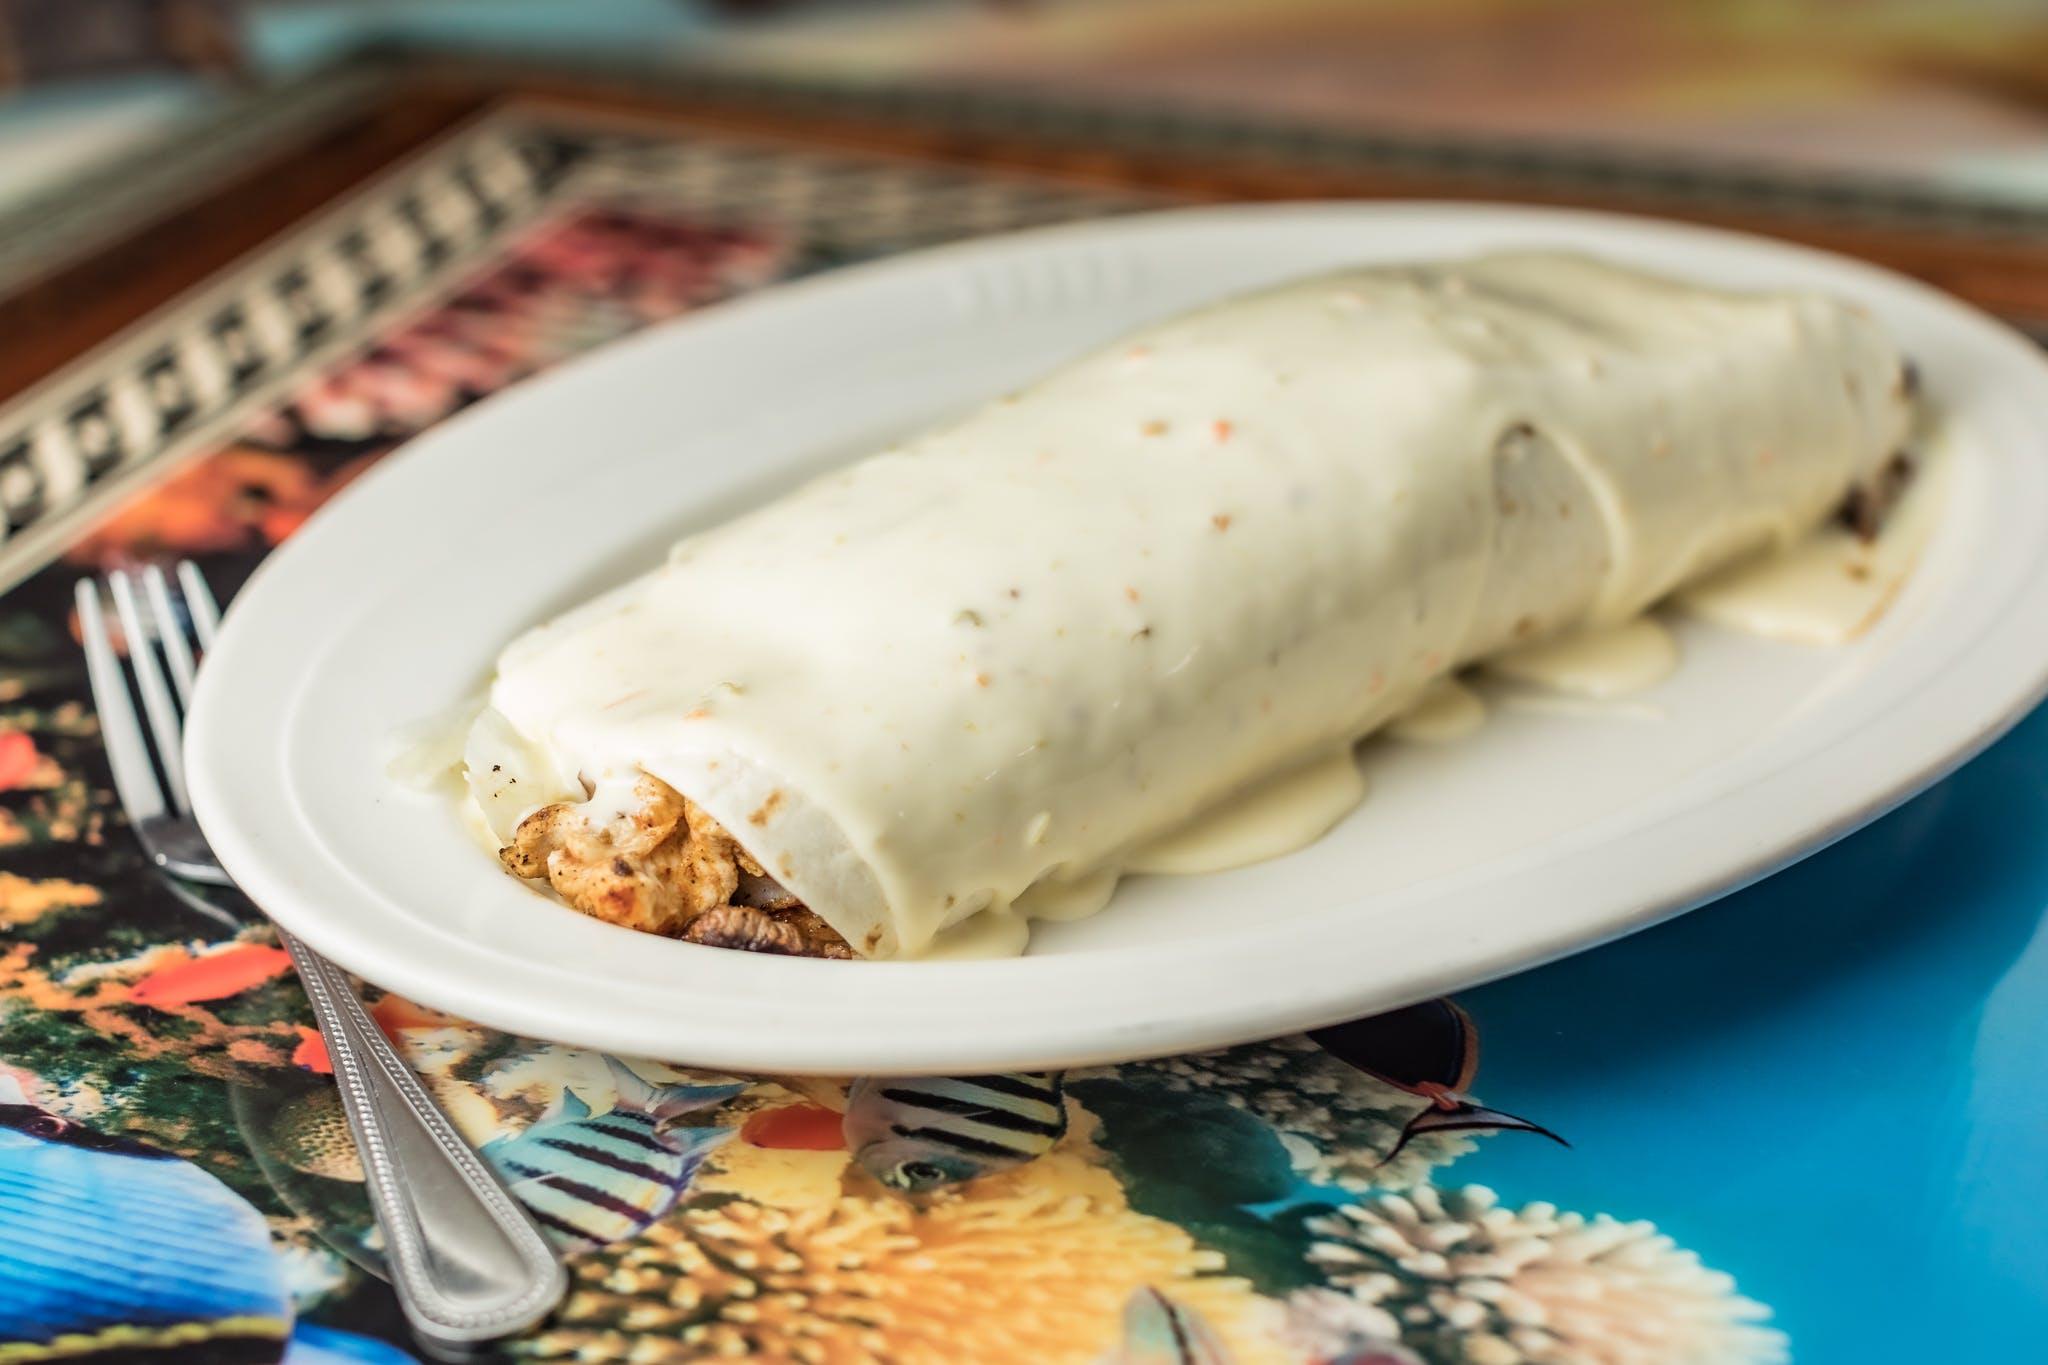 Burrito California from Casa Vallarta Mexican Restaurant in Eau Claire, WI